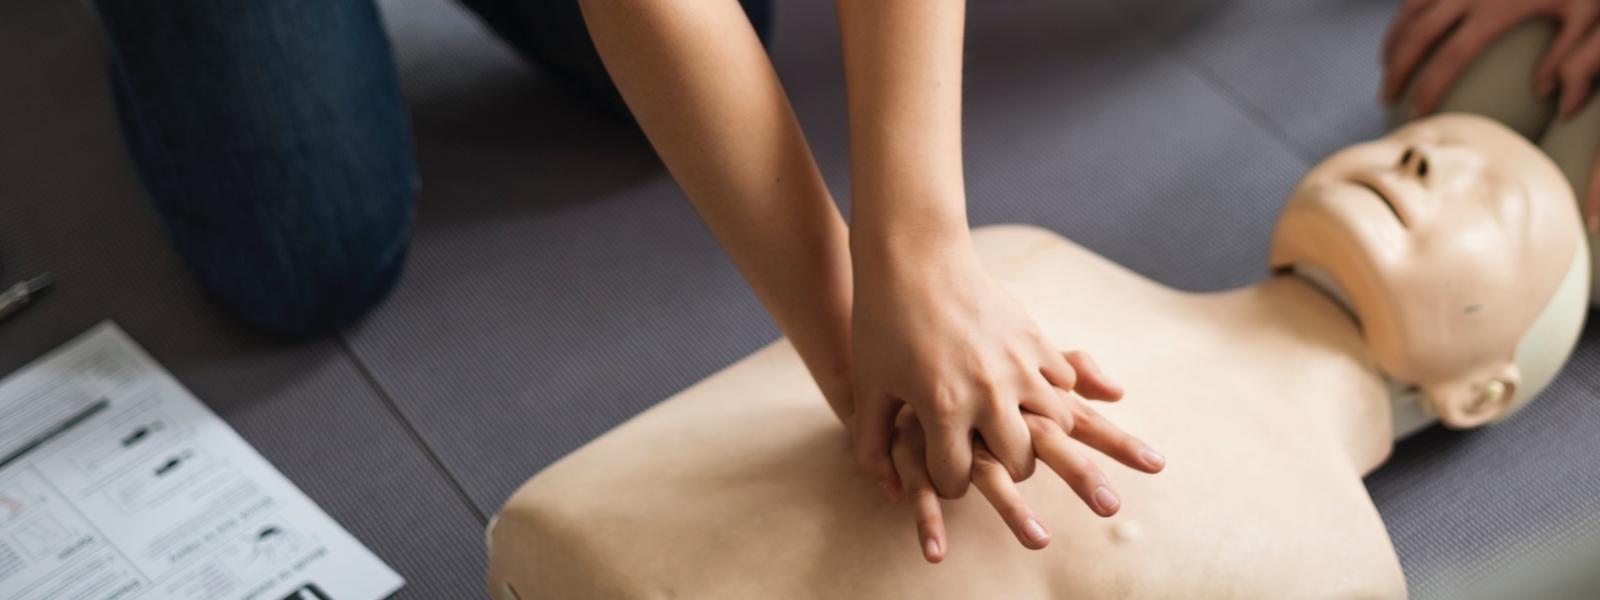 apteczka w pracy wymagania przepisy wyposażenie apteczkia artykuł pierwsza pomoc przedmedyczna zestaw pierwszej pomocy apteczka zakładowa co powinno znajdować się w apteczce